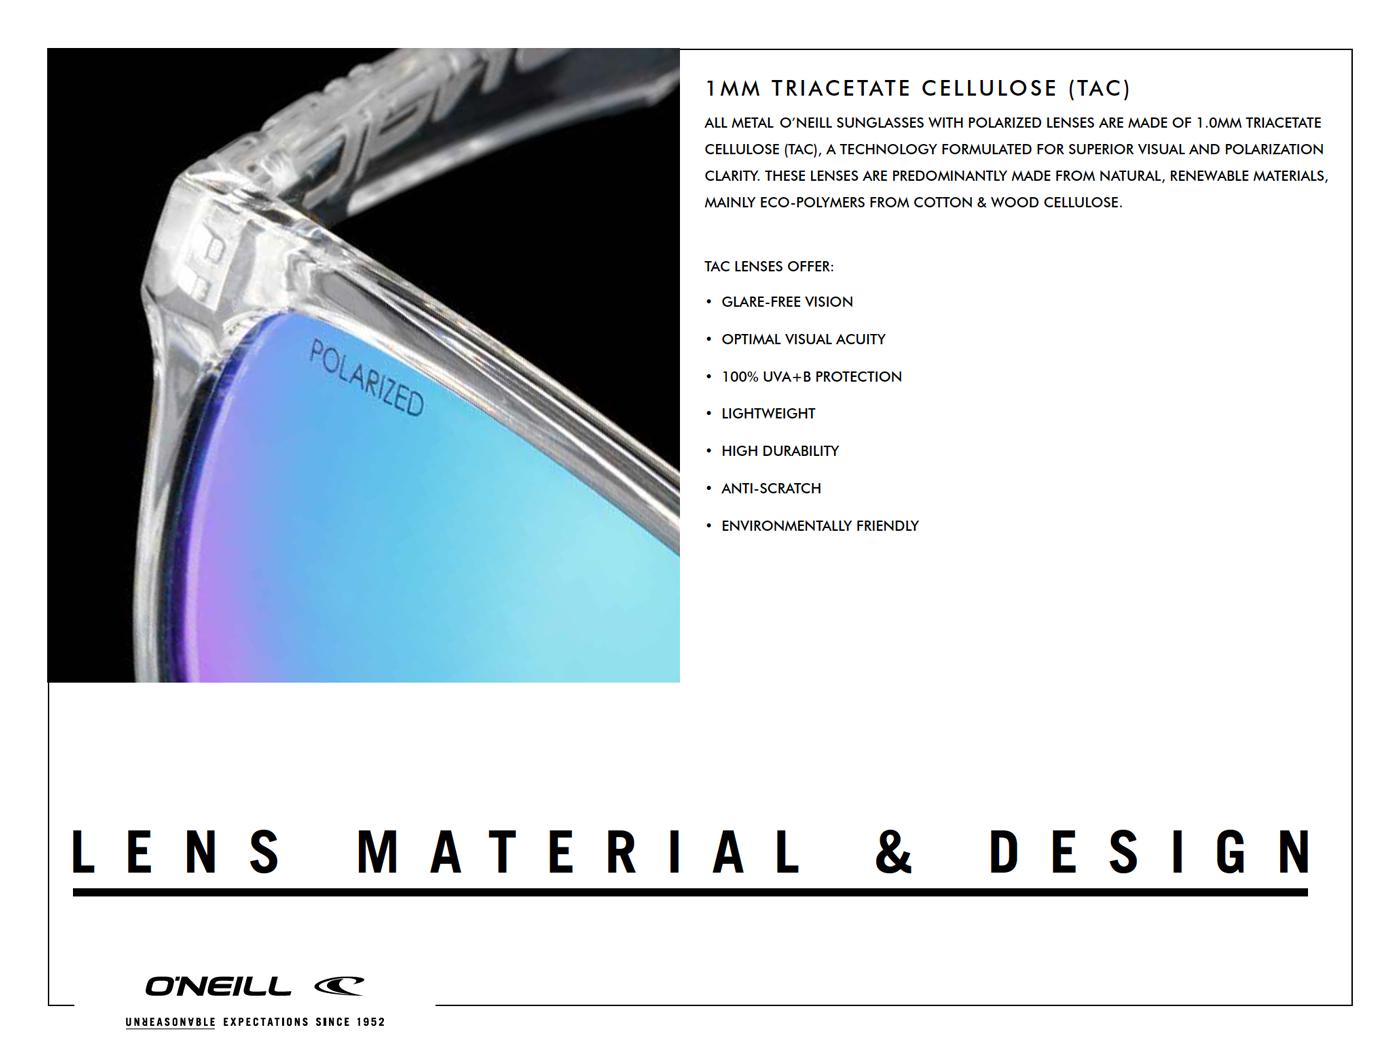 O'Neill SunGlasses LENS MATERIAL & DESIGN